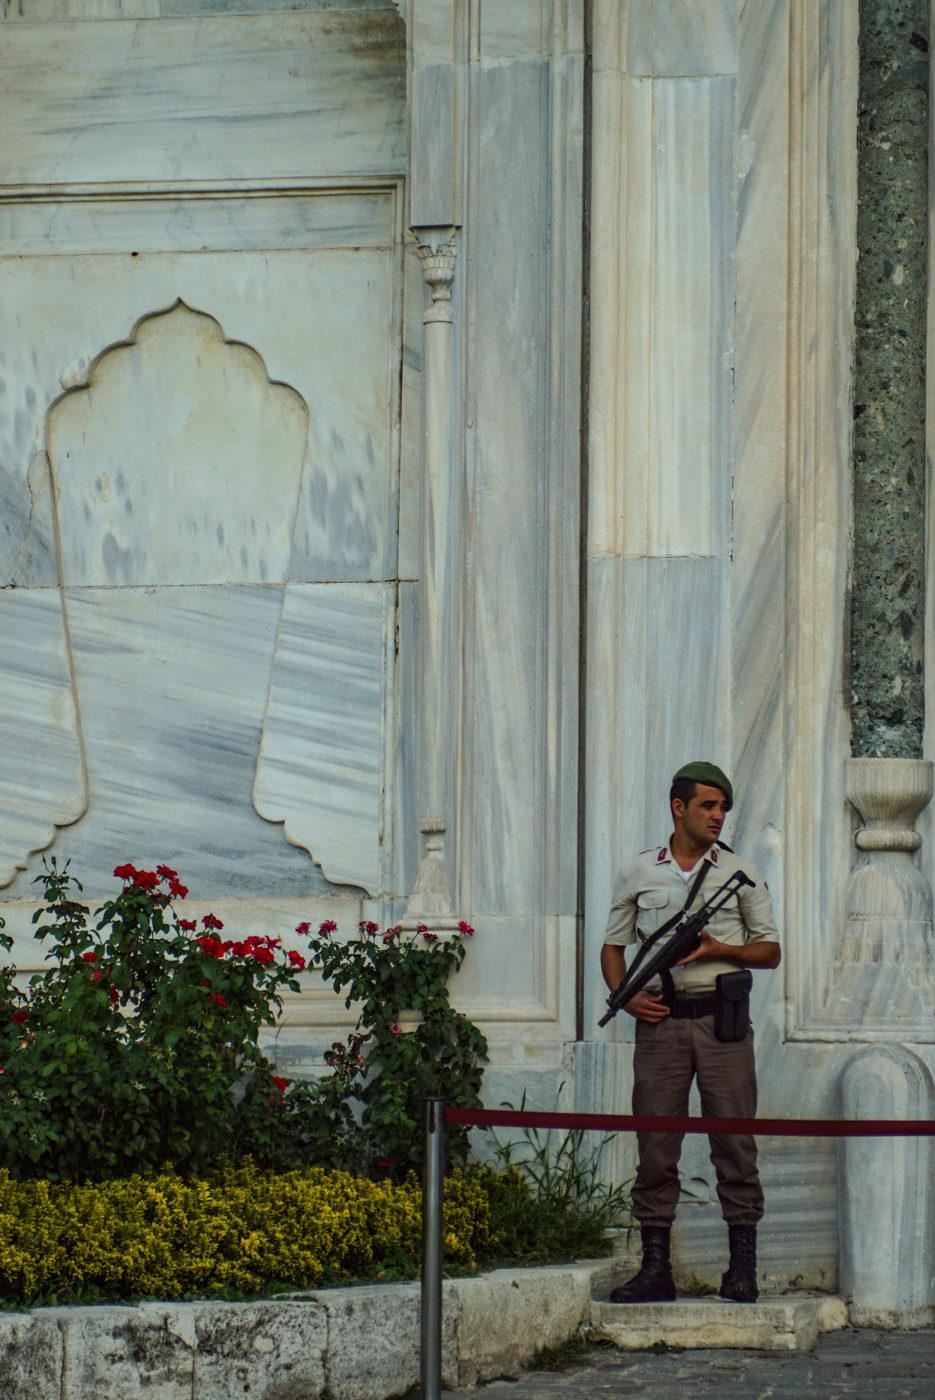 Das Bild zeigt einen Wachmann in der Nähe der Hagia Sophia die er nach rechts schaut